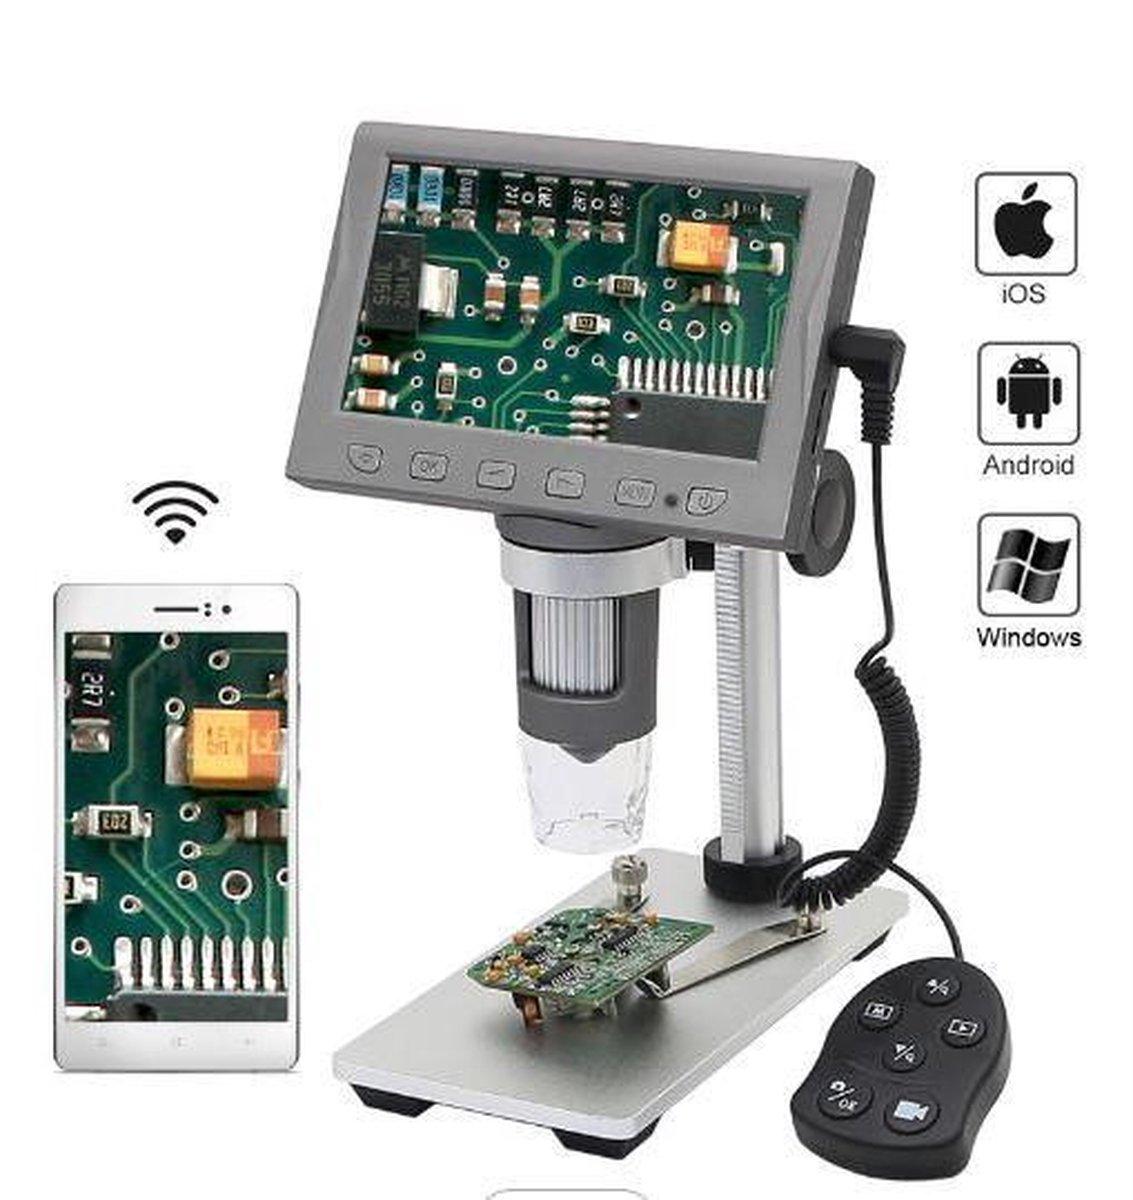 digitale microscoop Wifi,HDMI en LCD 4.5 inch vergroot 50x1000 resolutie 1080 pixels